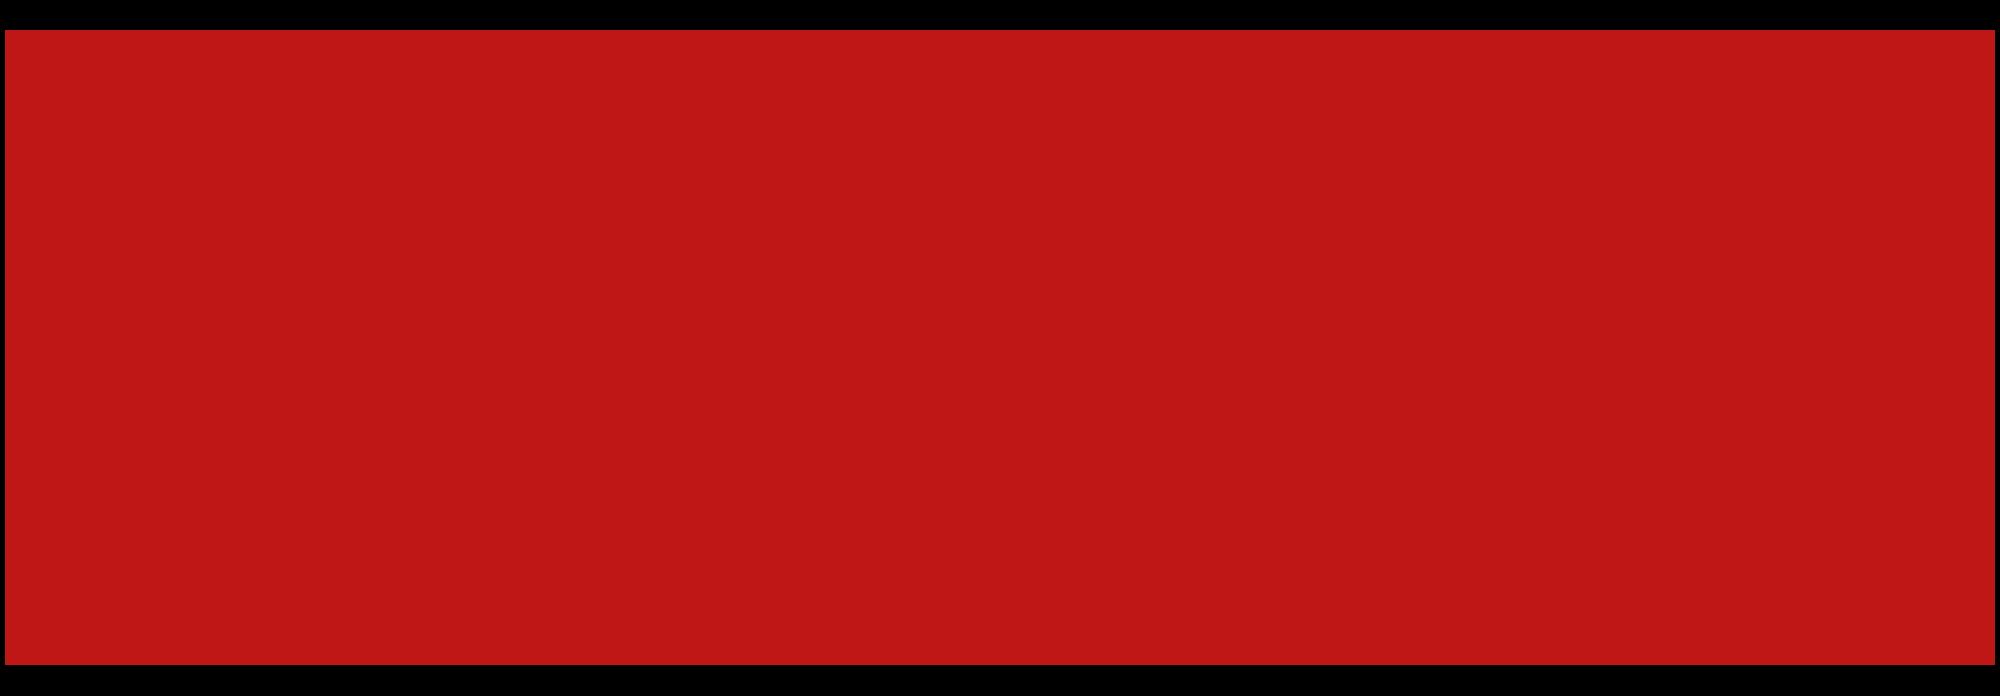 CycleBar-GO---RGB-1